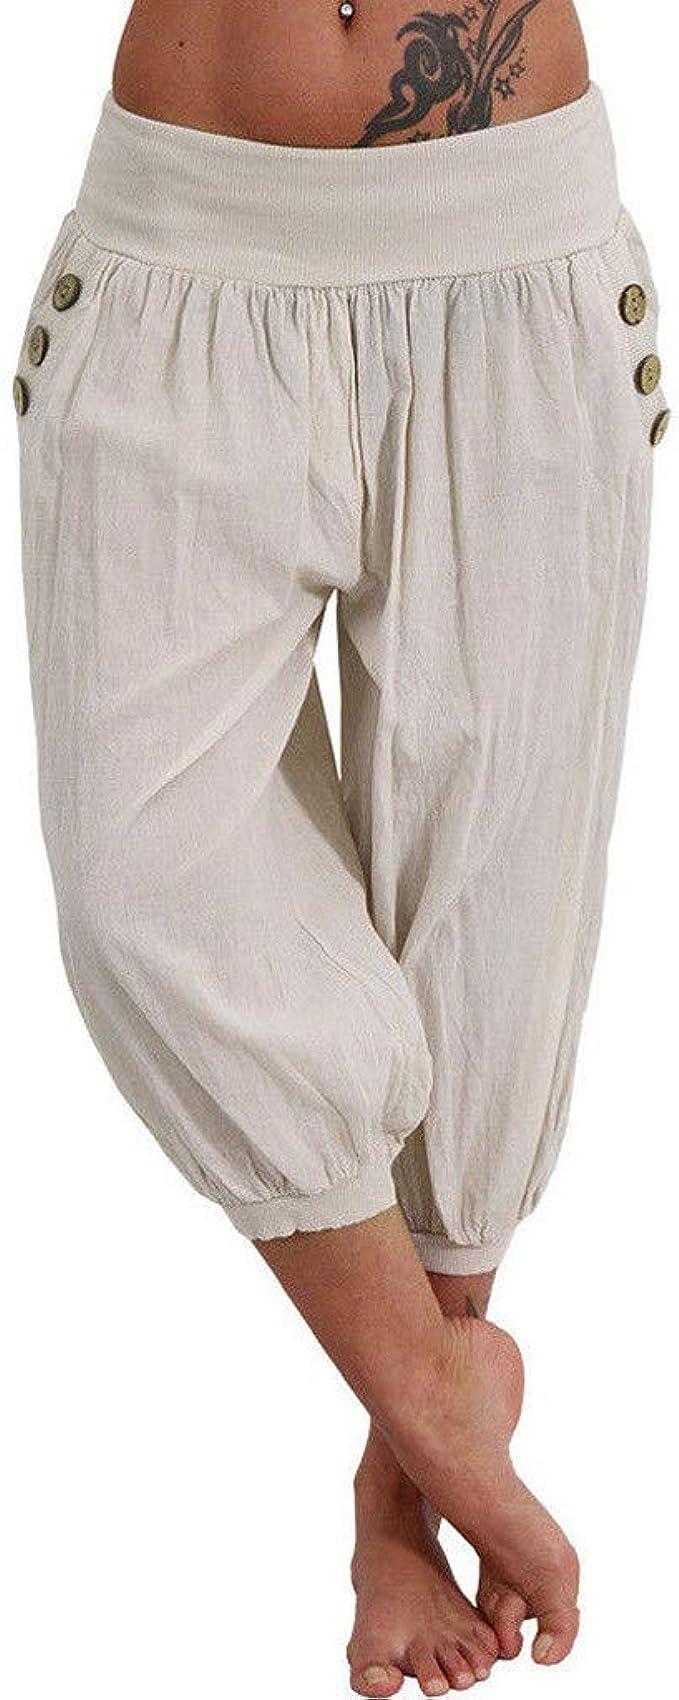 Amazon.com: EINCcm pantalones de yoga de pantalón largo de ...